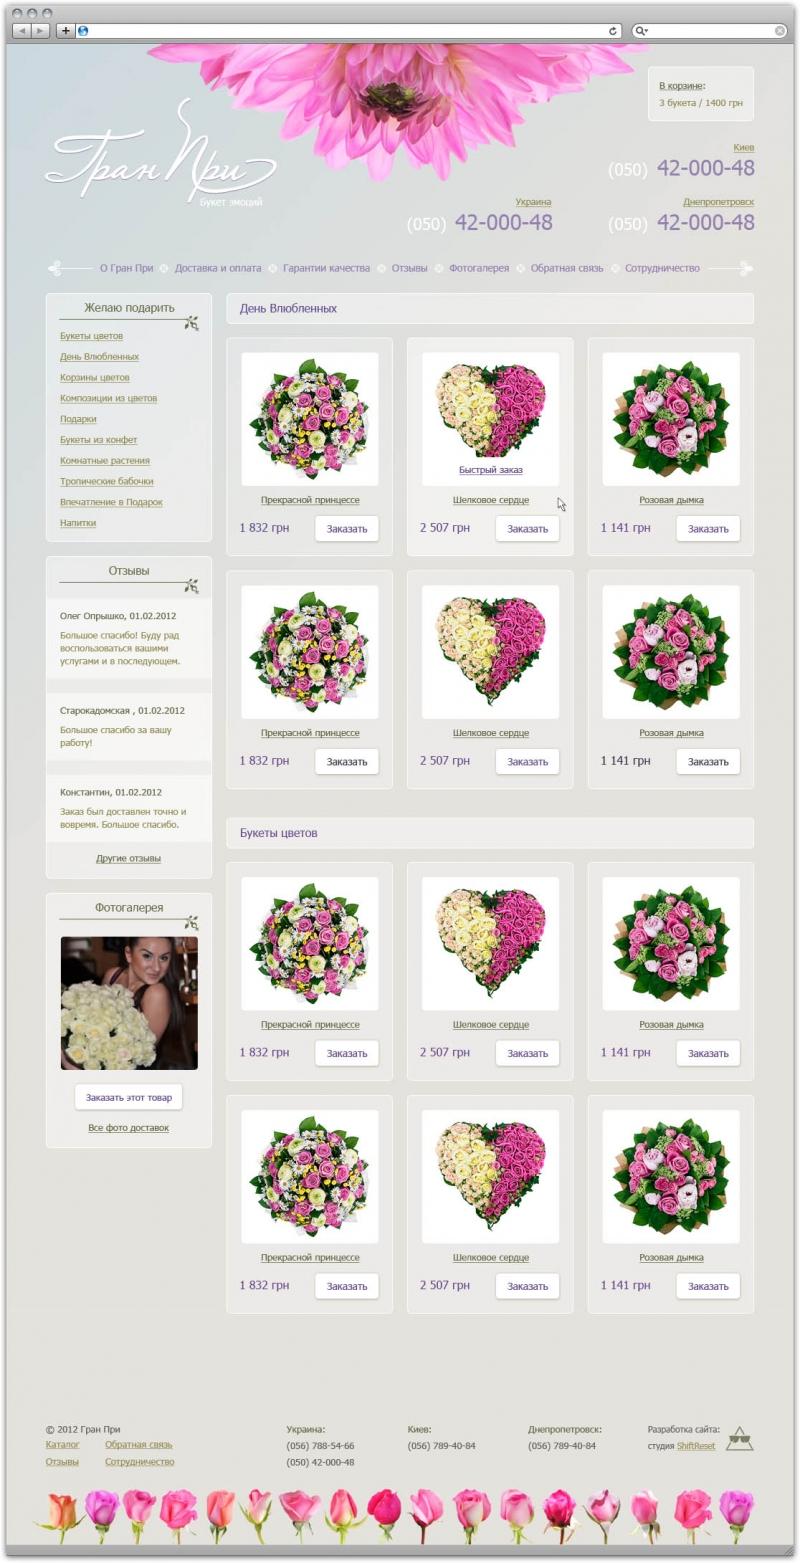 Магазин цветов Гран-При